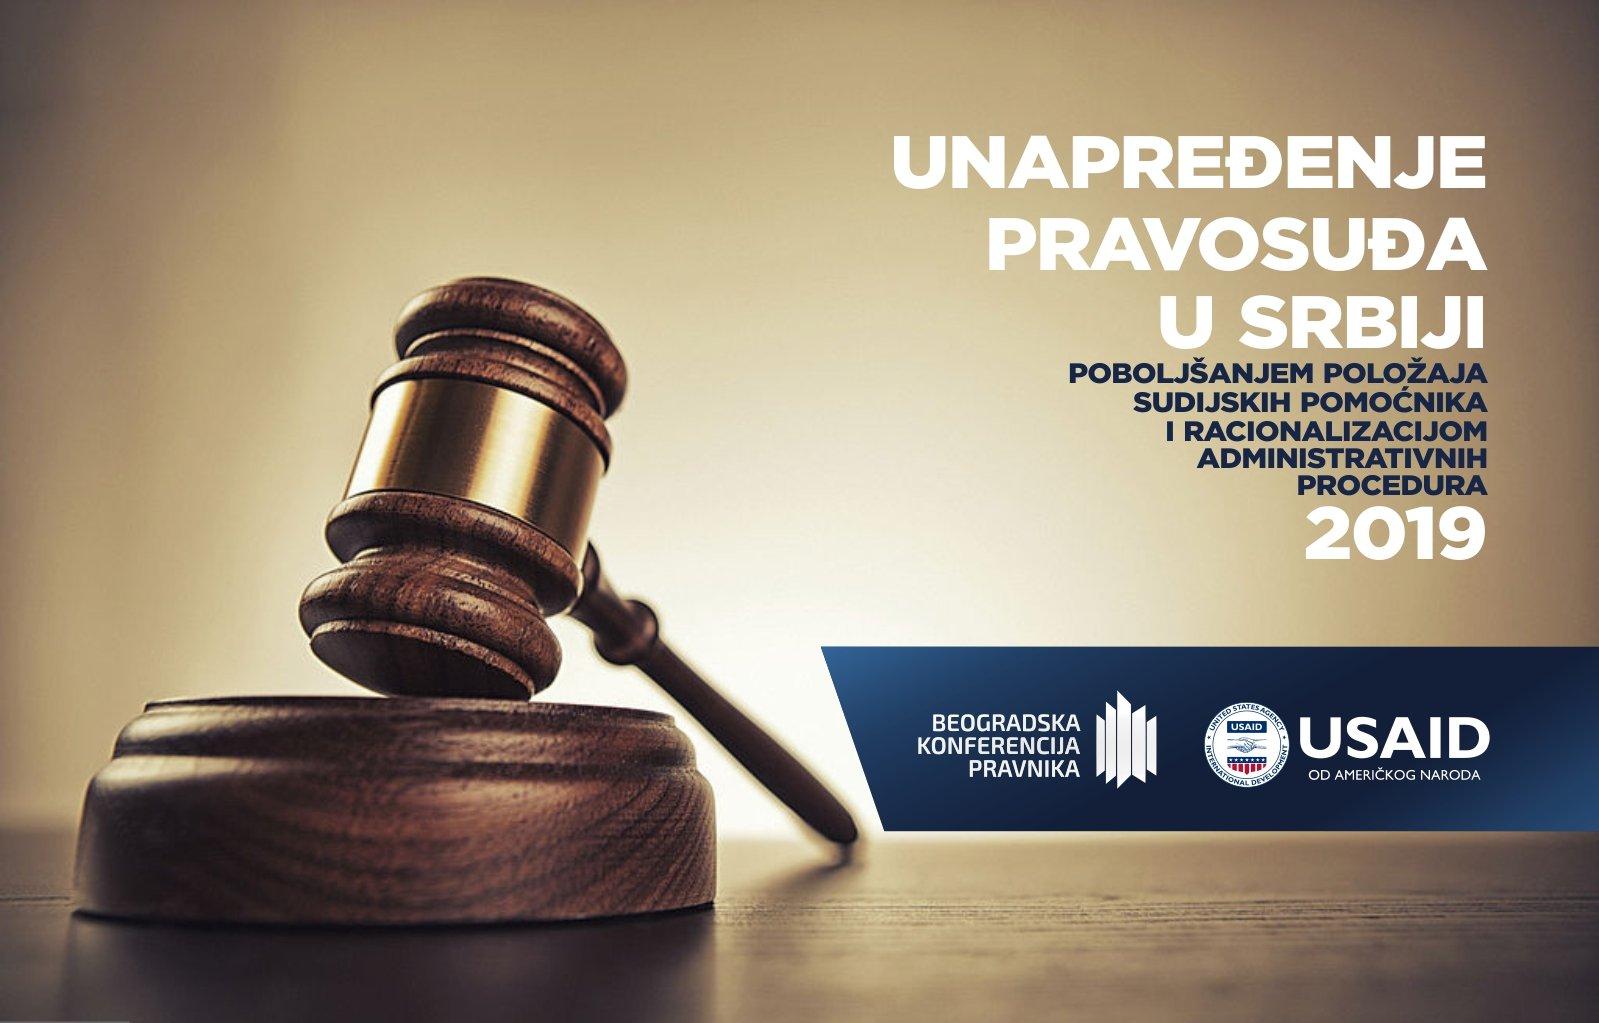 """Rezultati projekta """"Unapređenje pravosuđa u Srbiji kroz poboljšanje položaja sudijskih pomoćnika i racionalizaciju administrativnih procedura"""""""